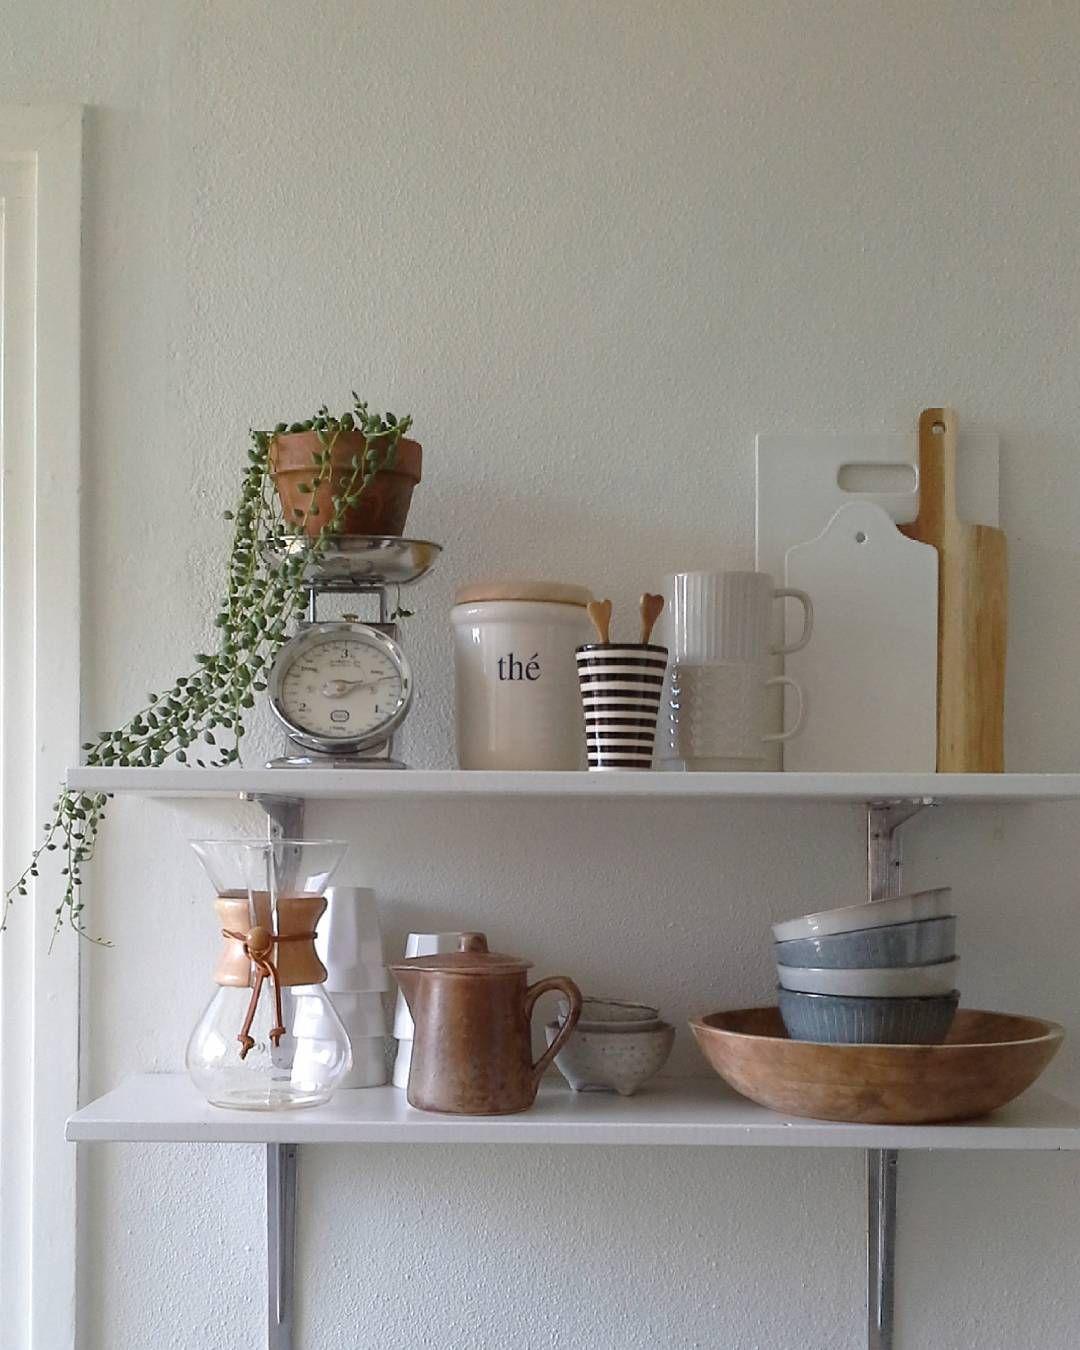 Fijn dag IG! #interior4all #interiør #kitchenstorage #cupsandmugs #ssevjen #scandinavianhome #scandichome #myhometoinspire #homedecor #kitchendetails #vintageindustrialhome #mykitchen #instahome #instakitchen